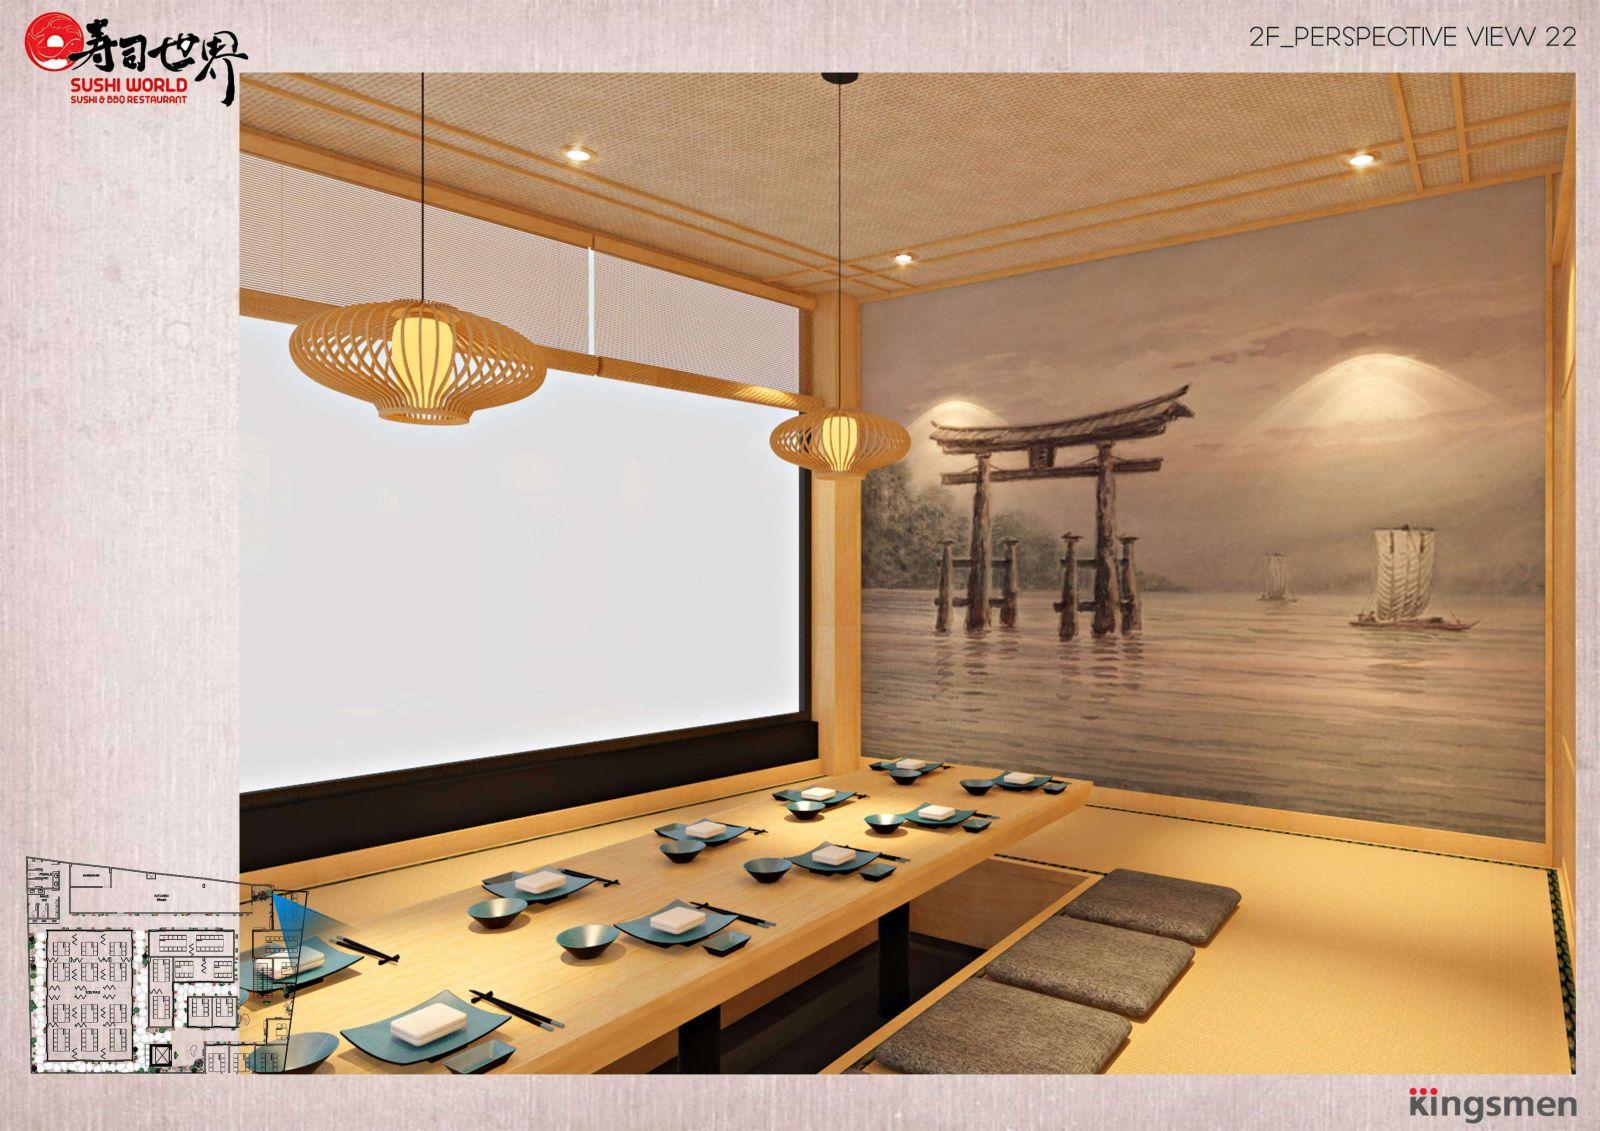 kết hợp trang trí nội thất nhà hàng bằng tranh tường